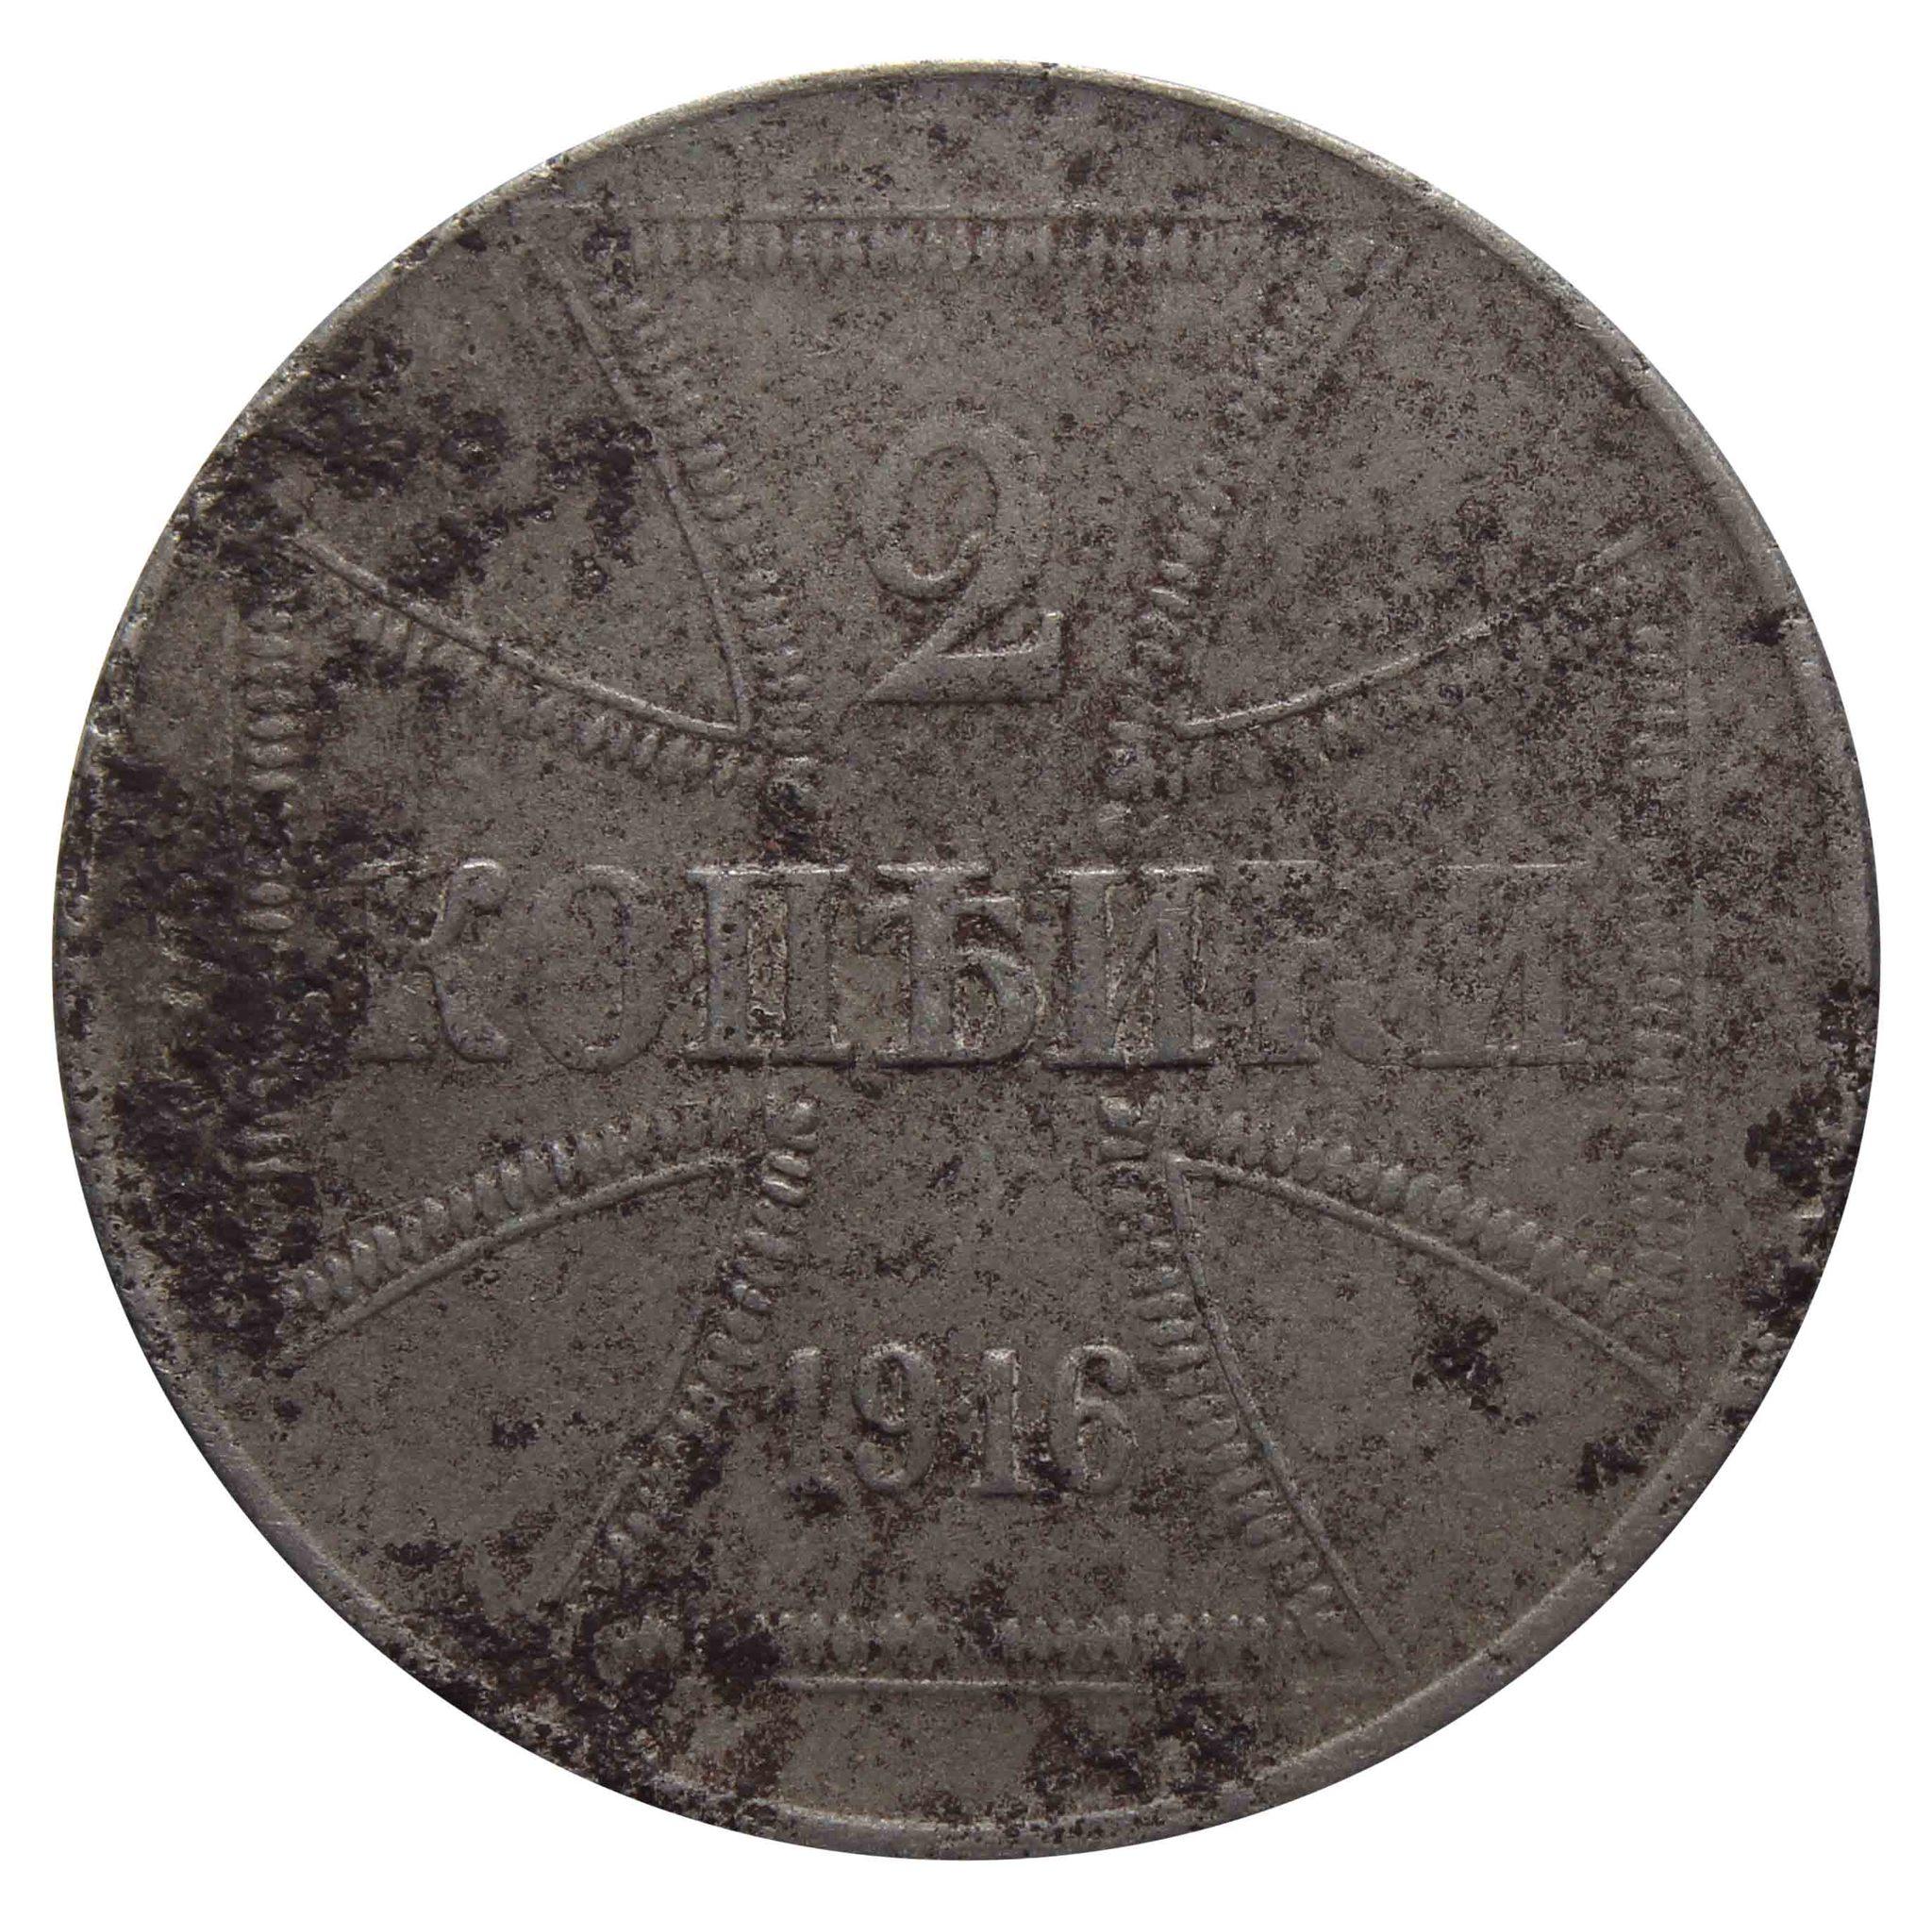 2 копейки 1916 (J) Оккупация России. Германия. F